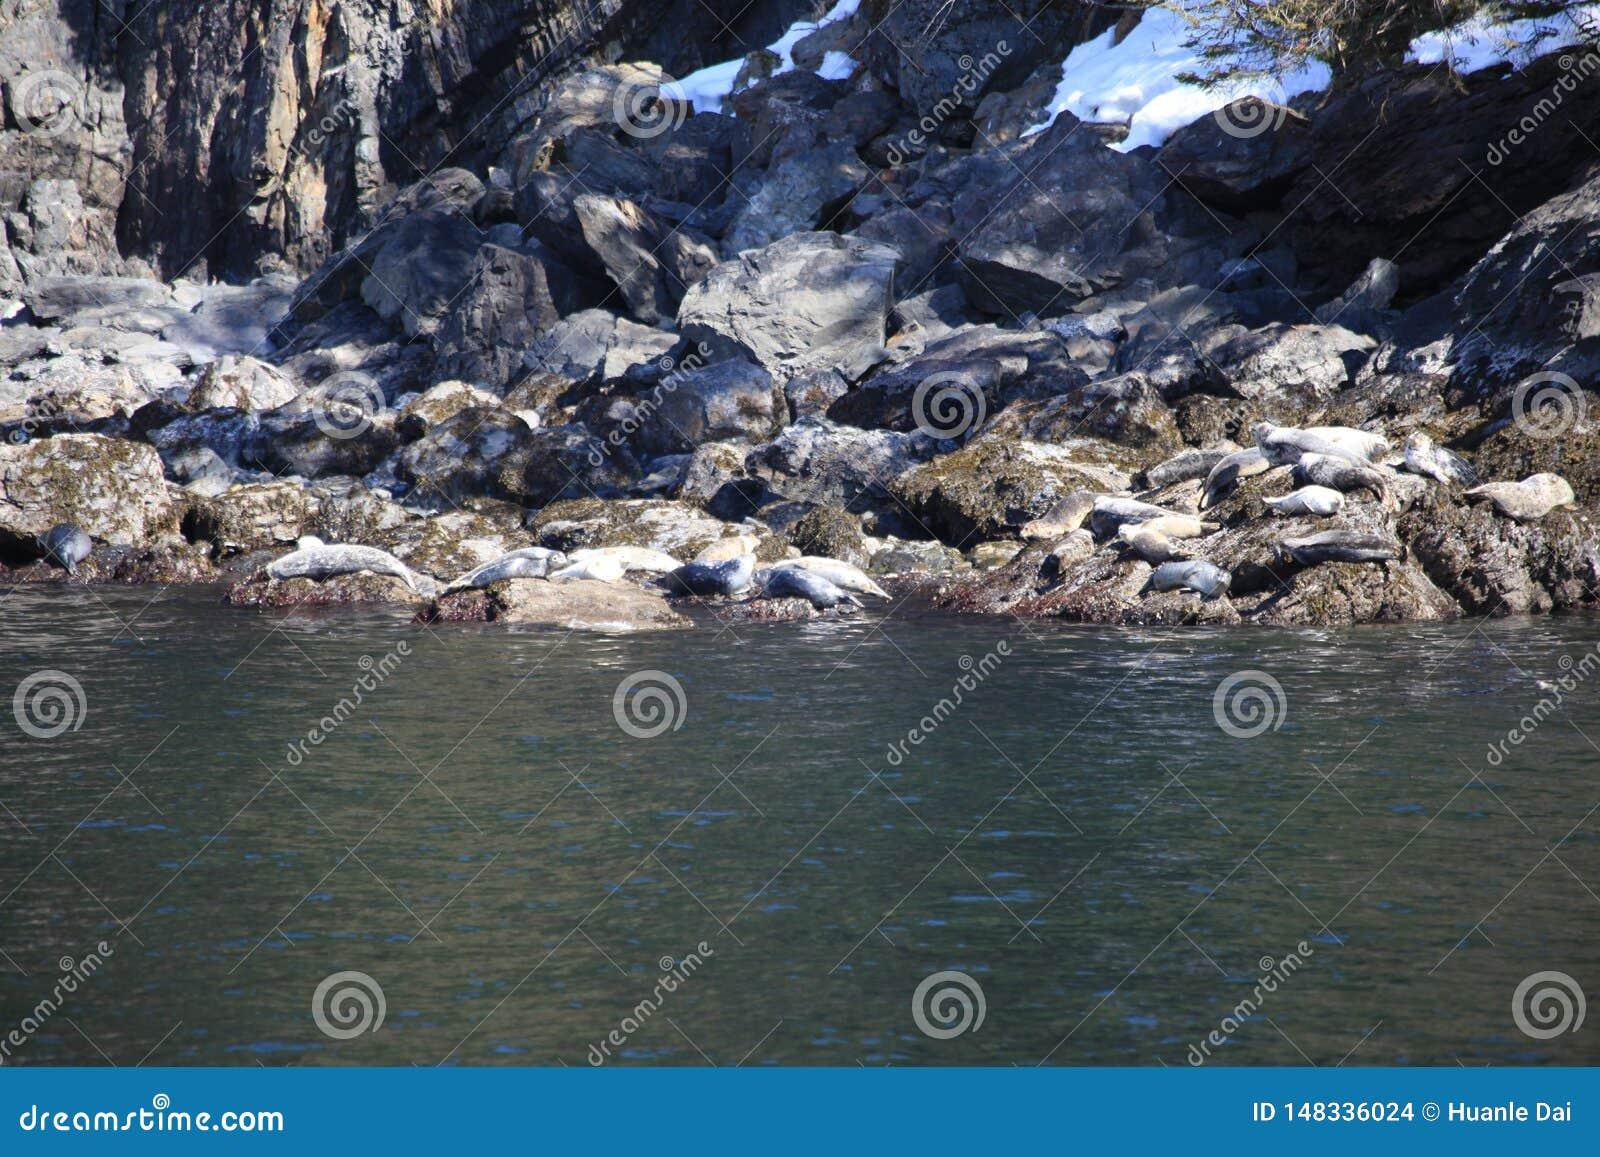 海狮,睡眠,岩石